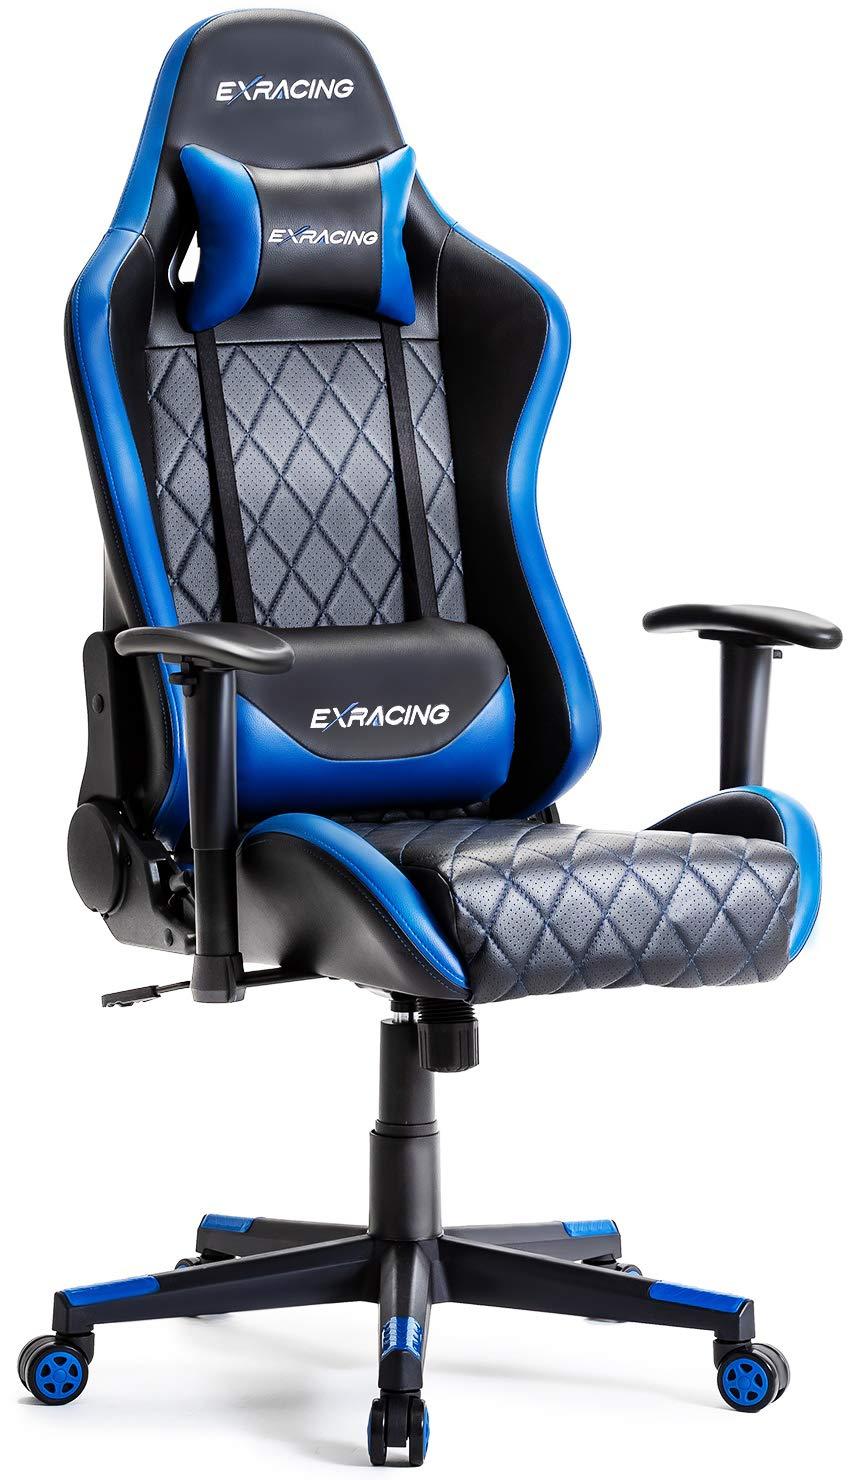 【 ゲーミングチェア ミーティングチェア 人間工学に基づいた3D設計 】 オフィスチェア デスクチェア 椅子 ゲーム用チェア イス パソコンチェア ハイバック [ 非再生高品質ウレタン採用 ] ヘッドレスト ランバーサポート PUレザー 一年無償部品交換保証 EXRACING [ 日本企画 ] (ブルー)